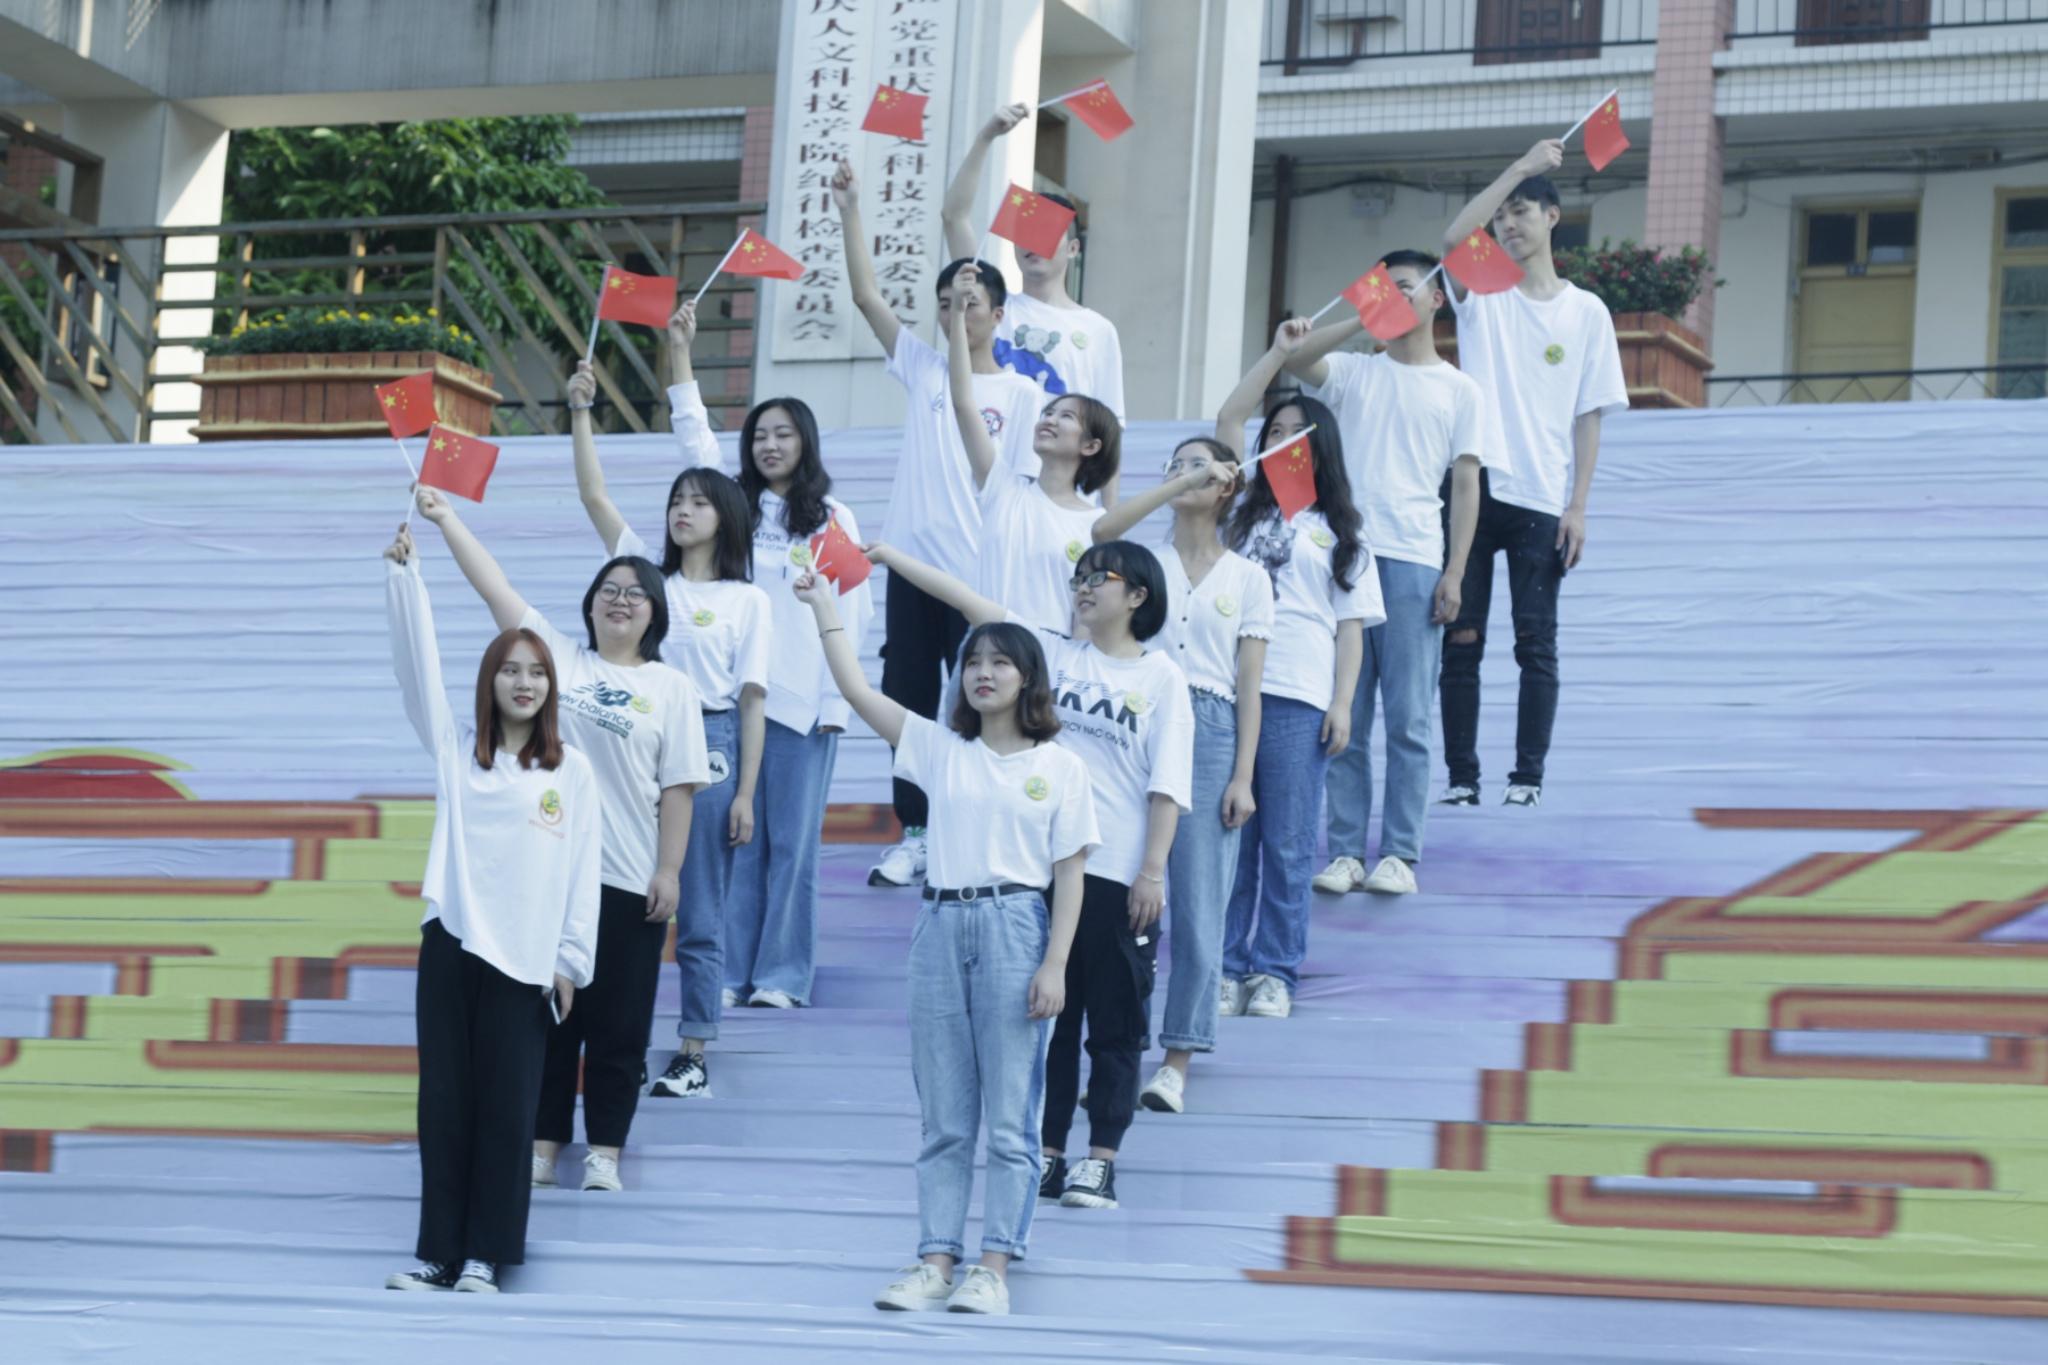 艺术学院青檬映像拍摄MV《我和我的祖国》